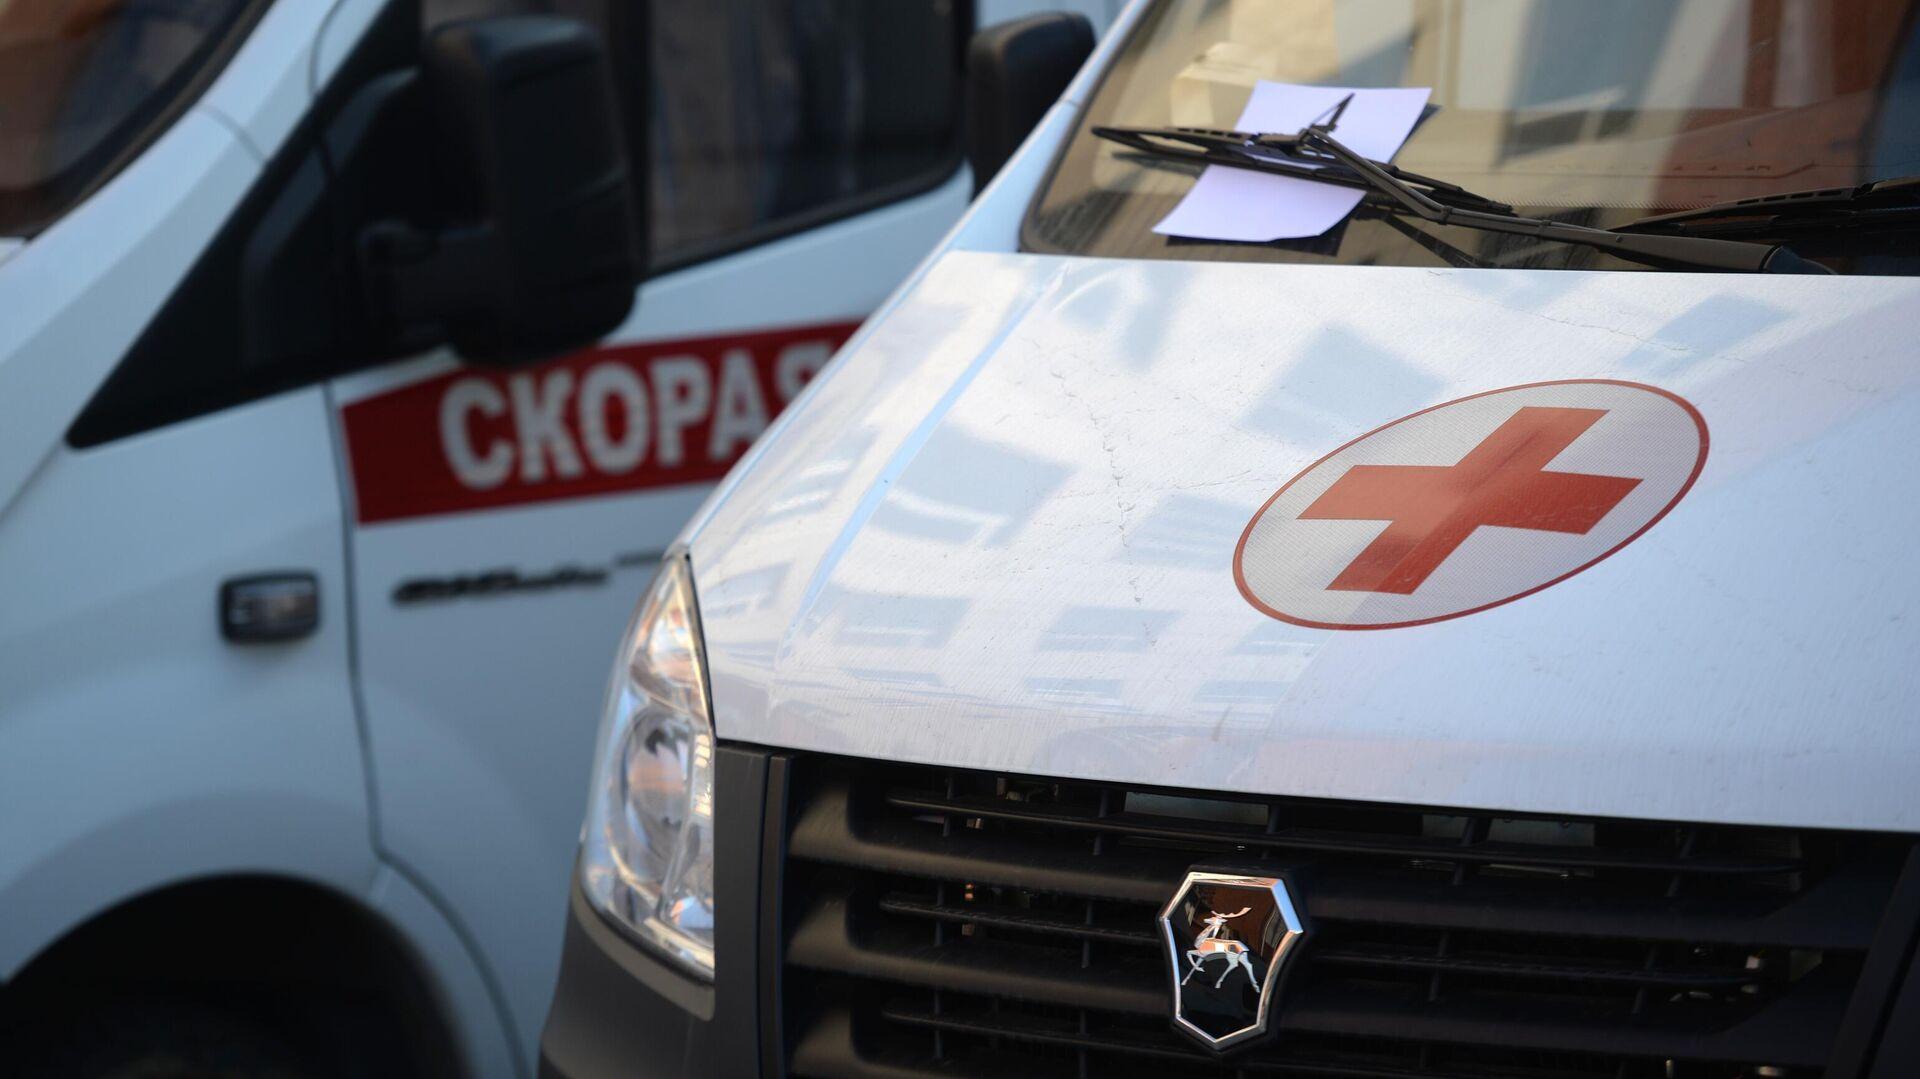 Стало известно о состоянии пострадавшего при ЧП в больнице в Астрахани